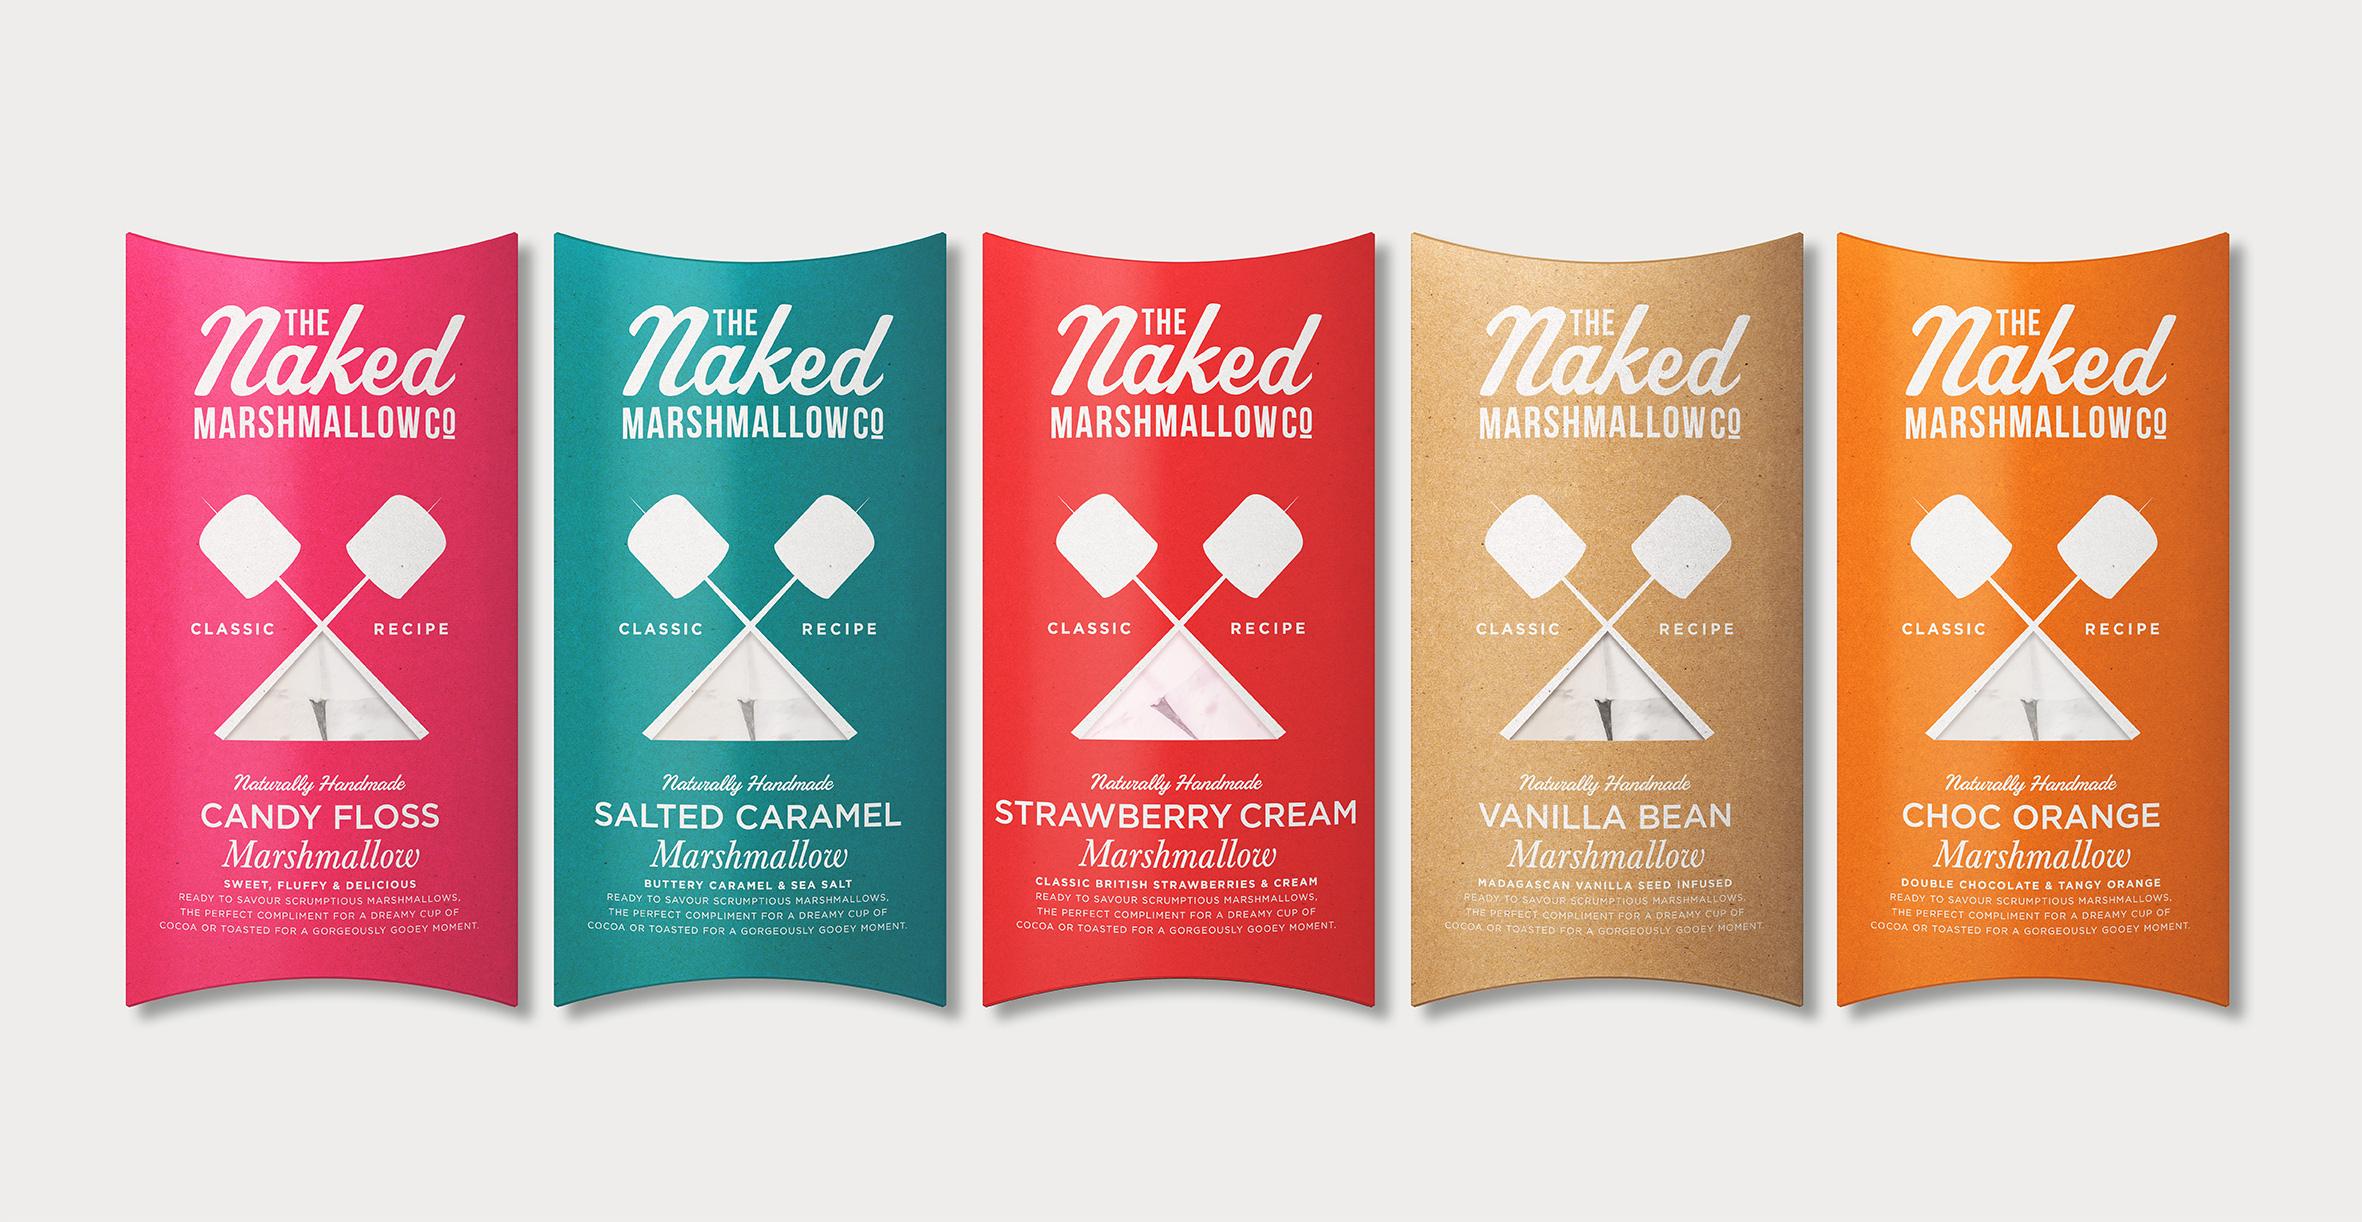 Naked Marshmallow Co. Range Packaging Design